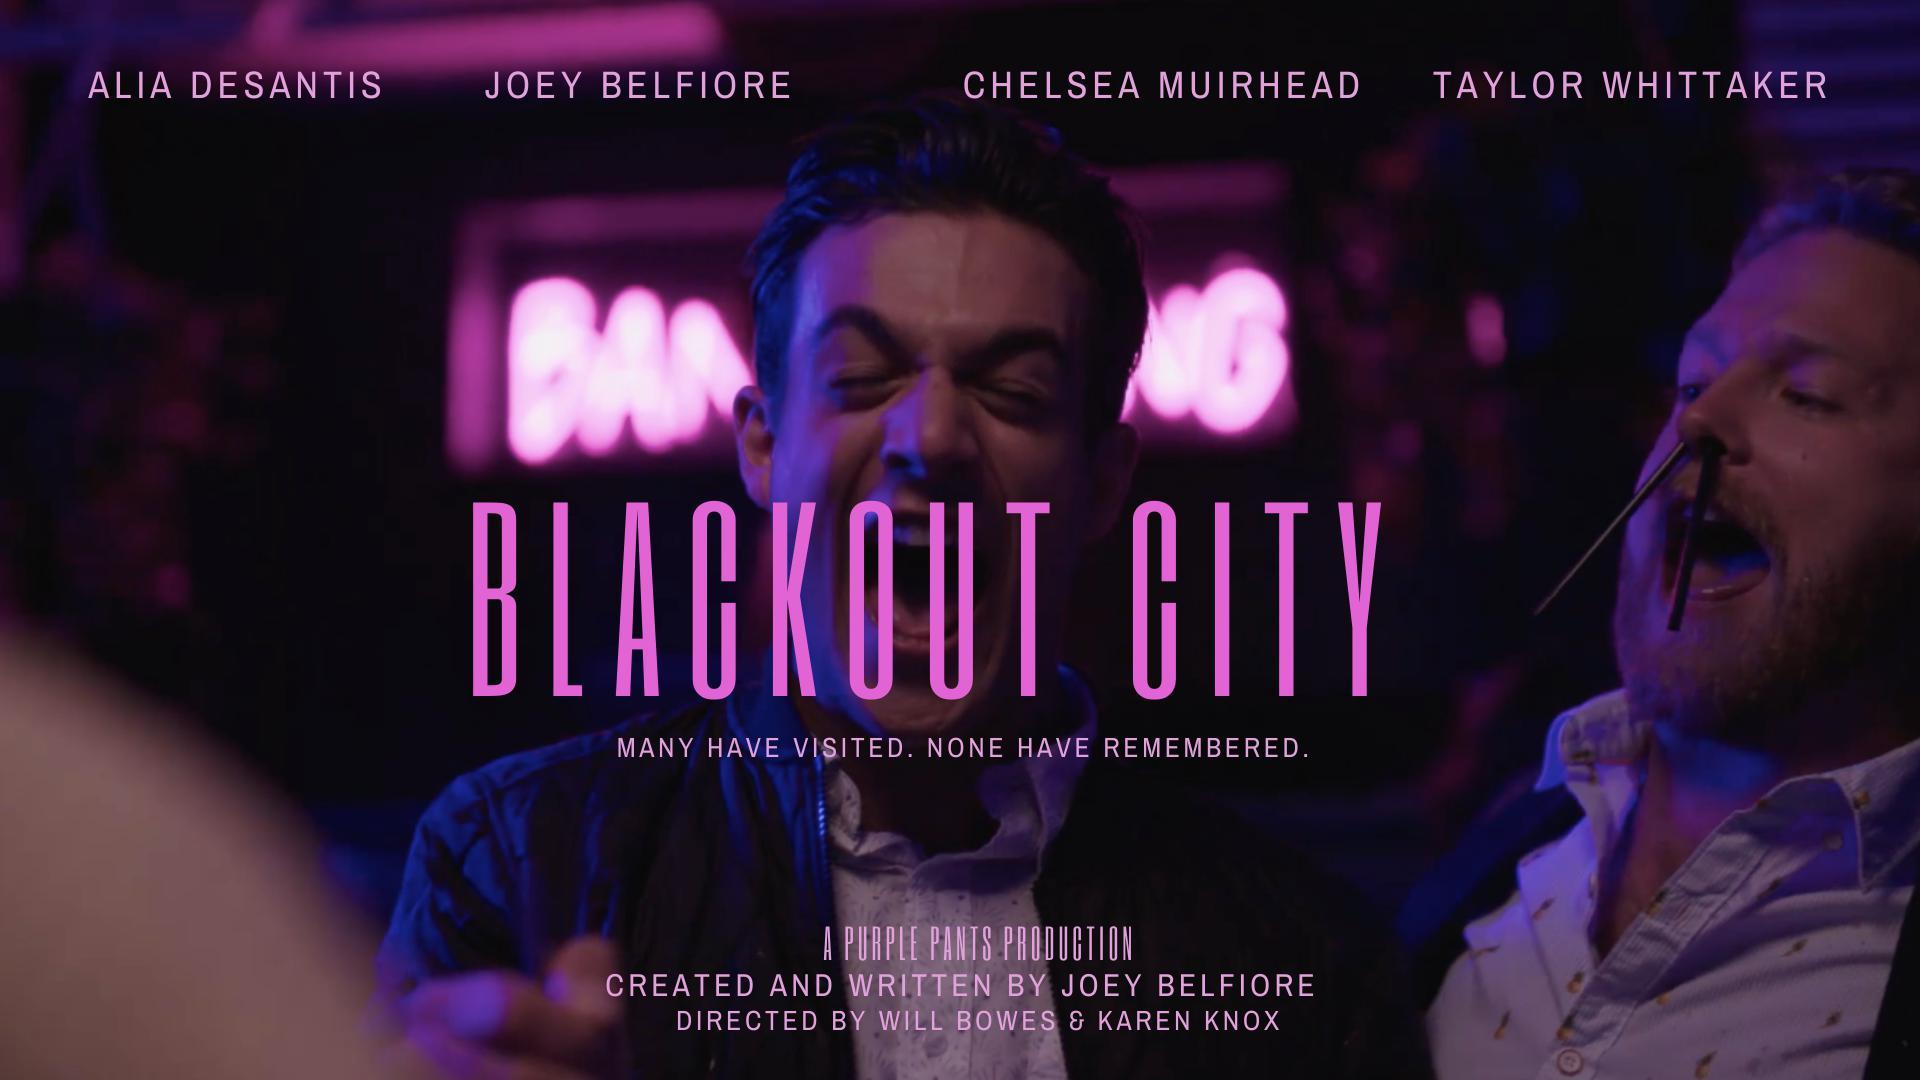 Blackout City